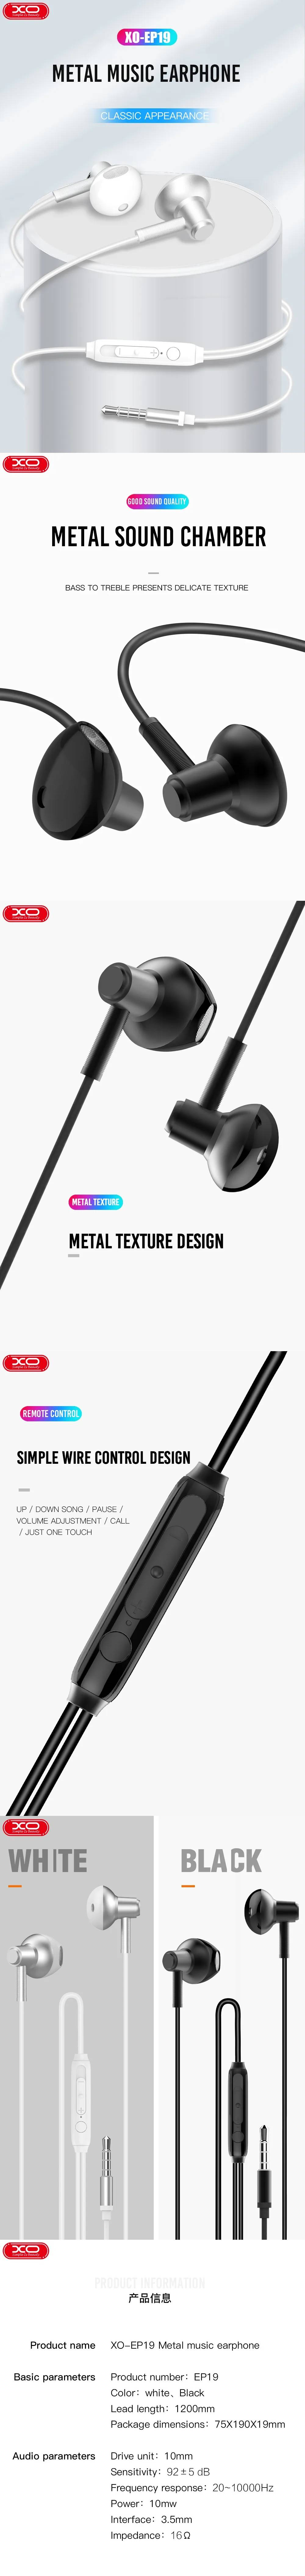 XO Wired earphones EP19 jack 3,5mm black